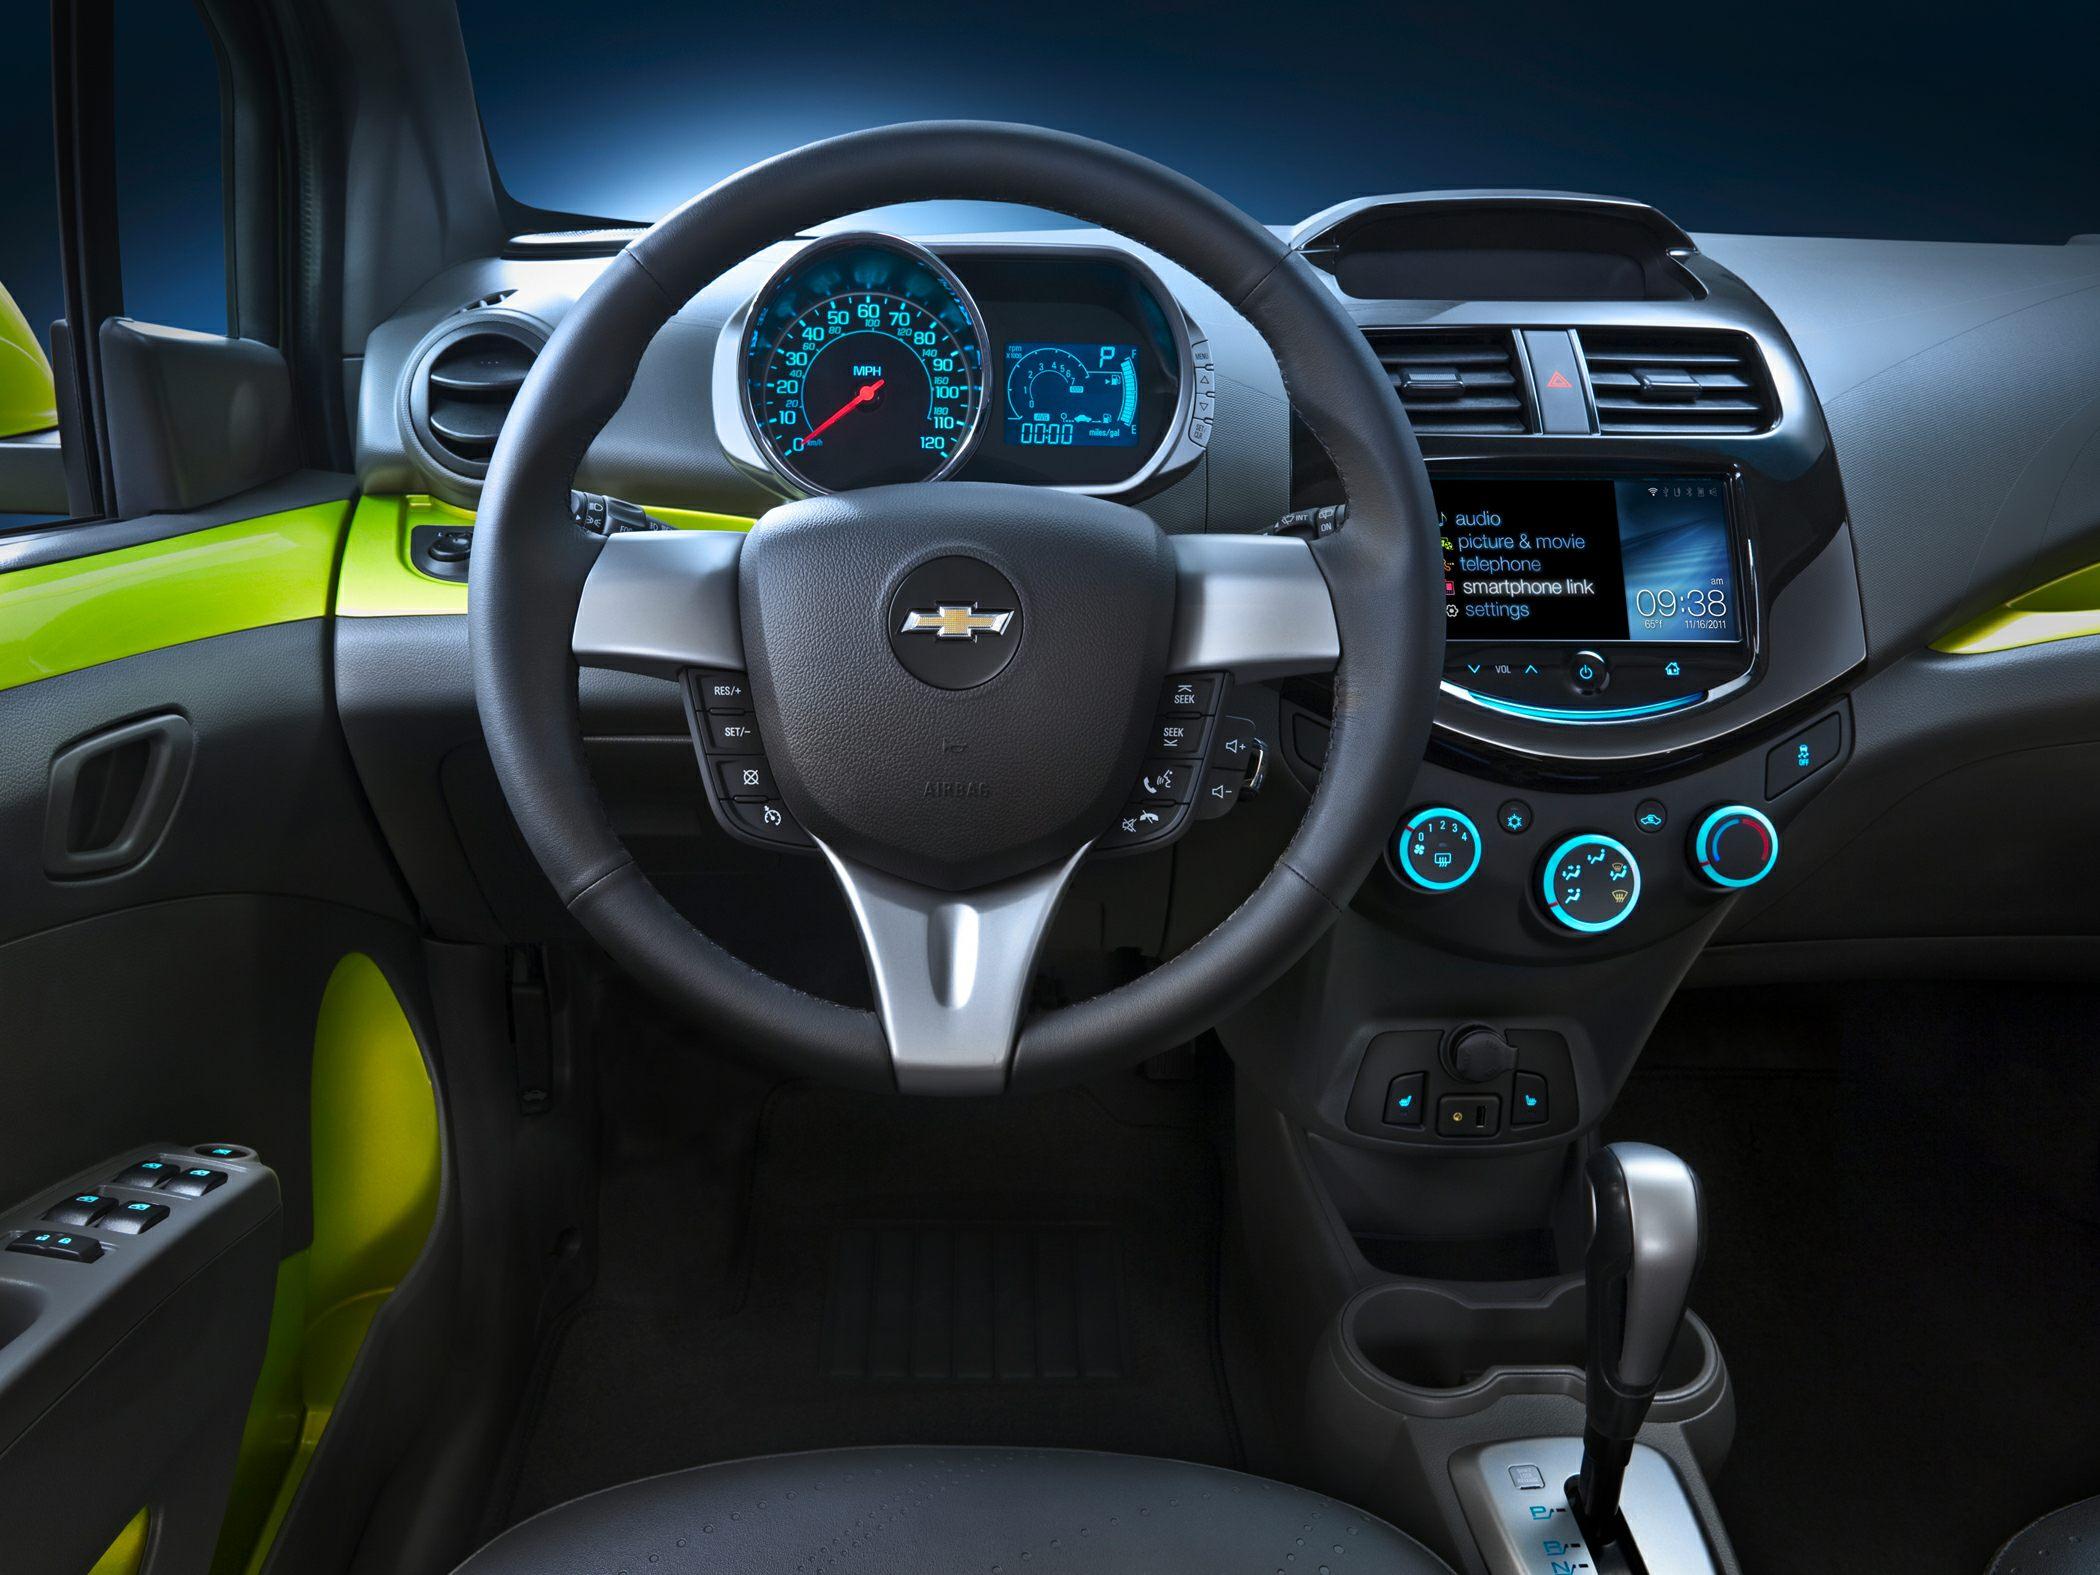 2014 Chevrolet Spark Glamour Interior